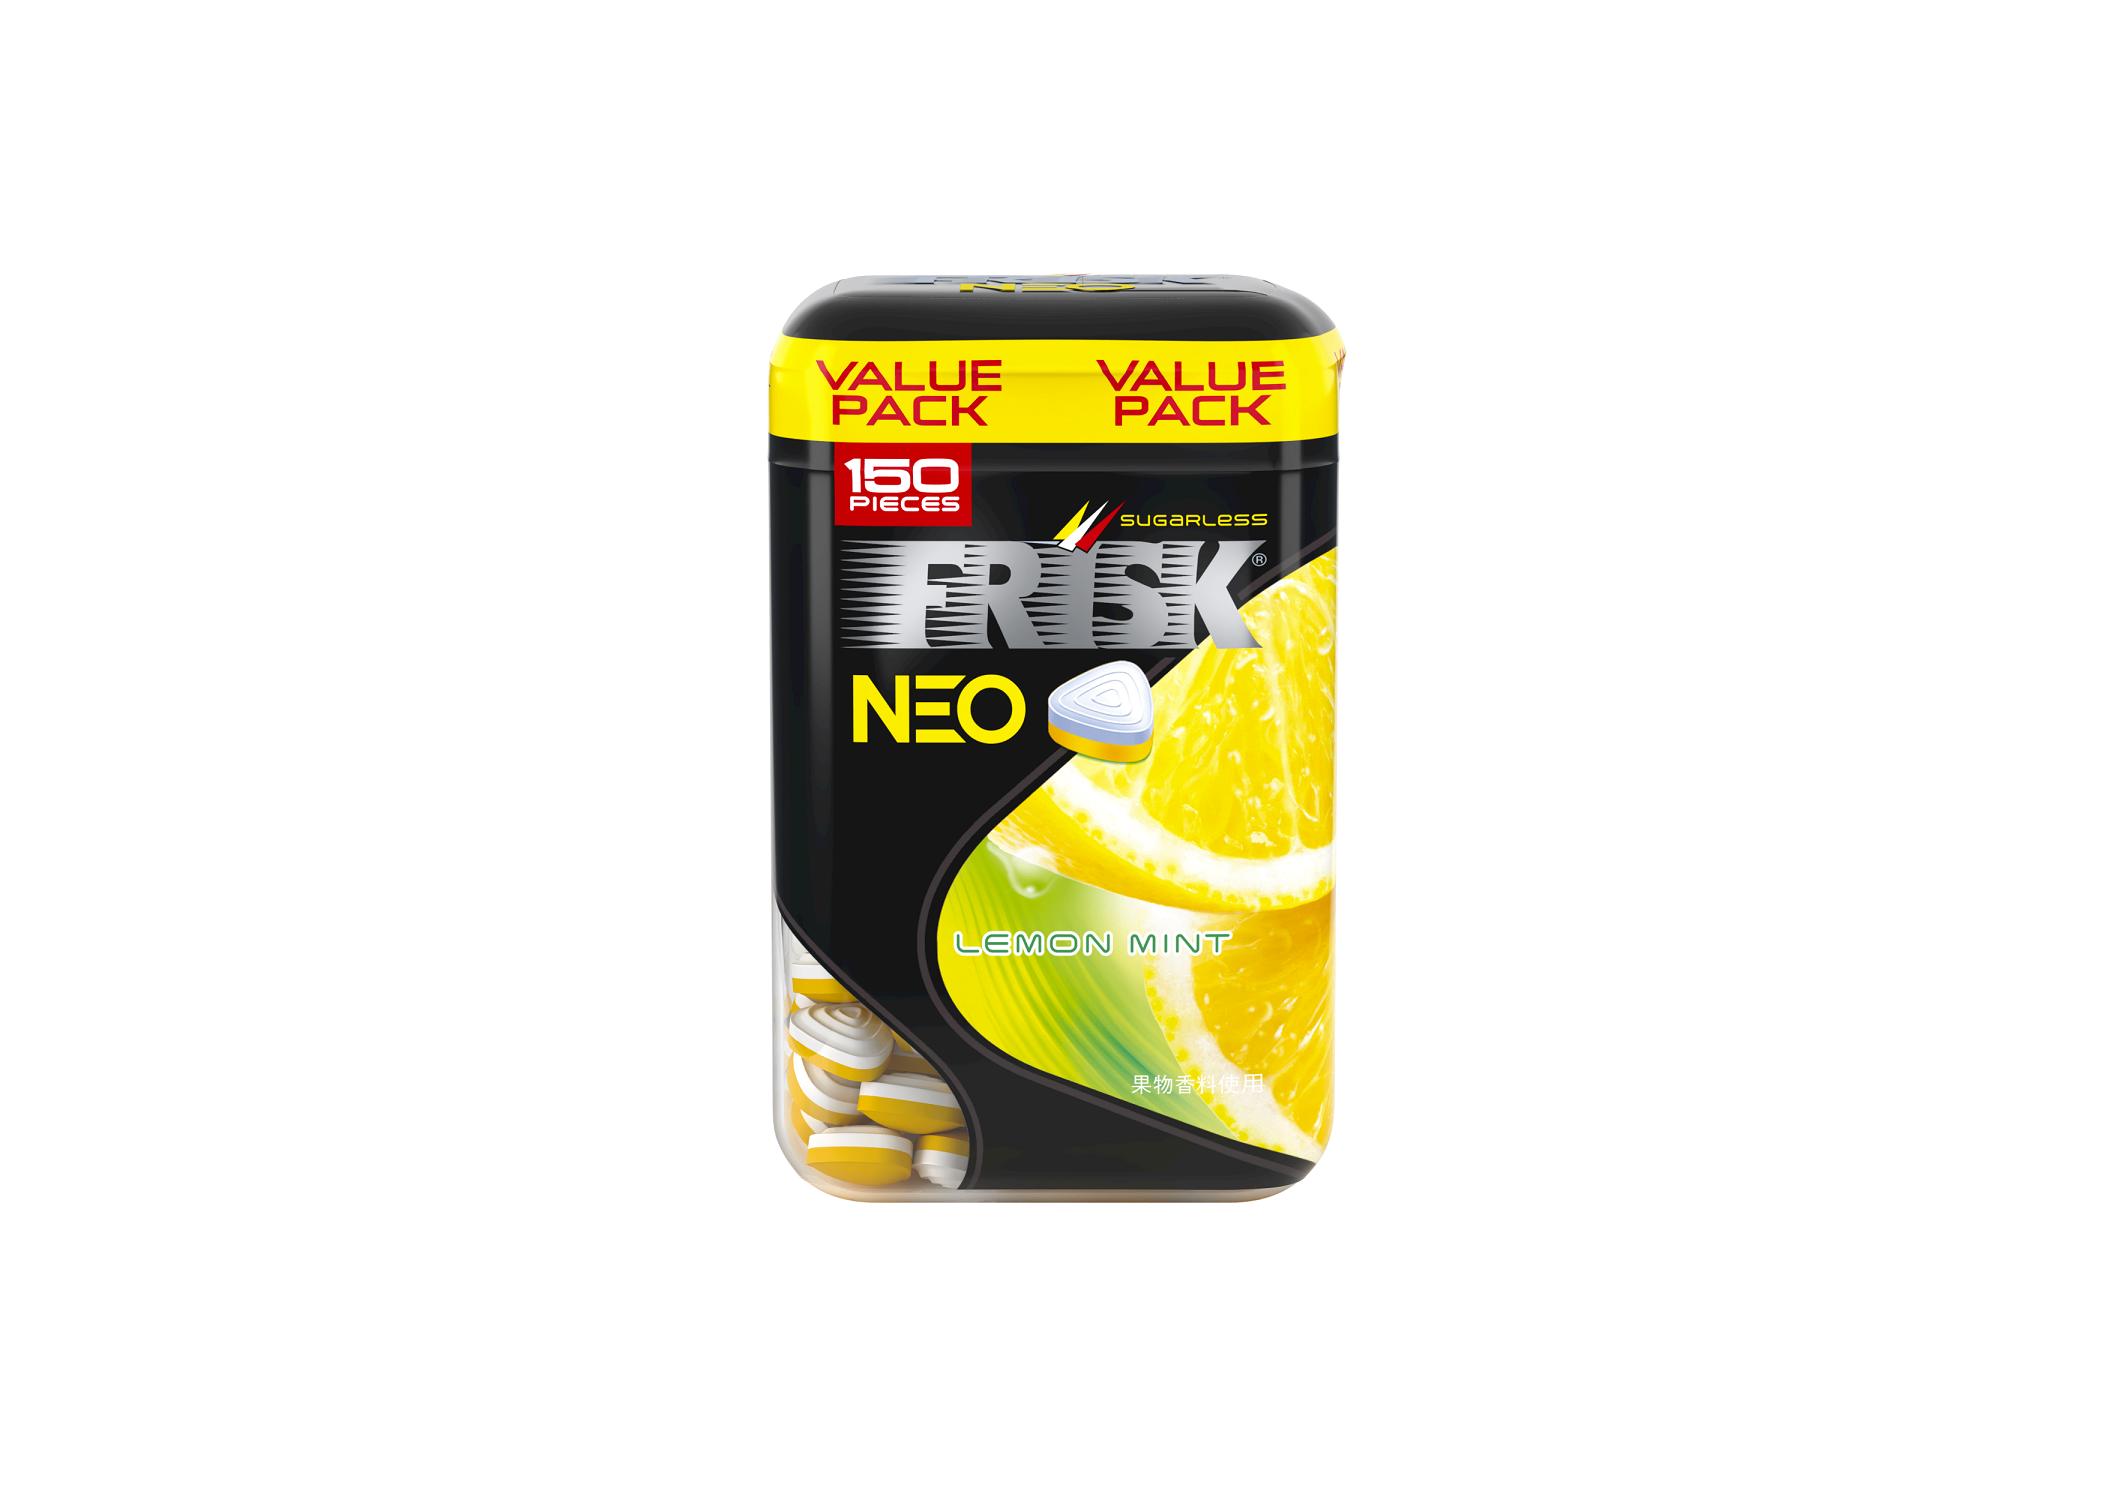 「フリスク ネオ ボトル レモンミント」「フリスク ネオ ボトル オレンジ」を3月1日に発売 画像